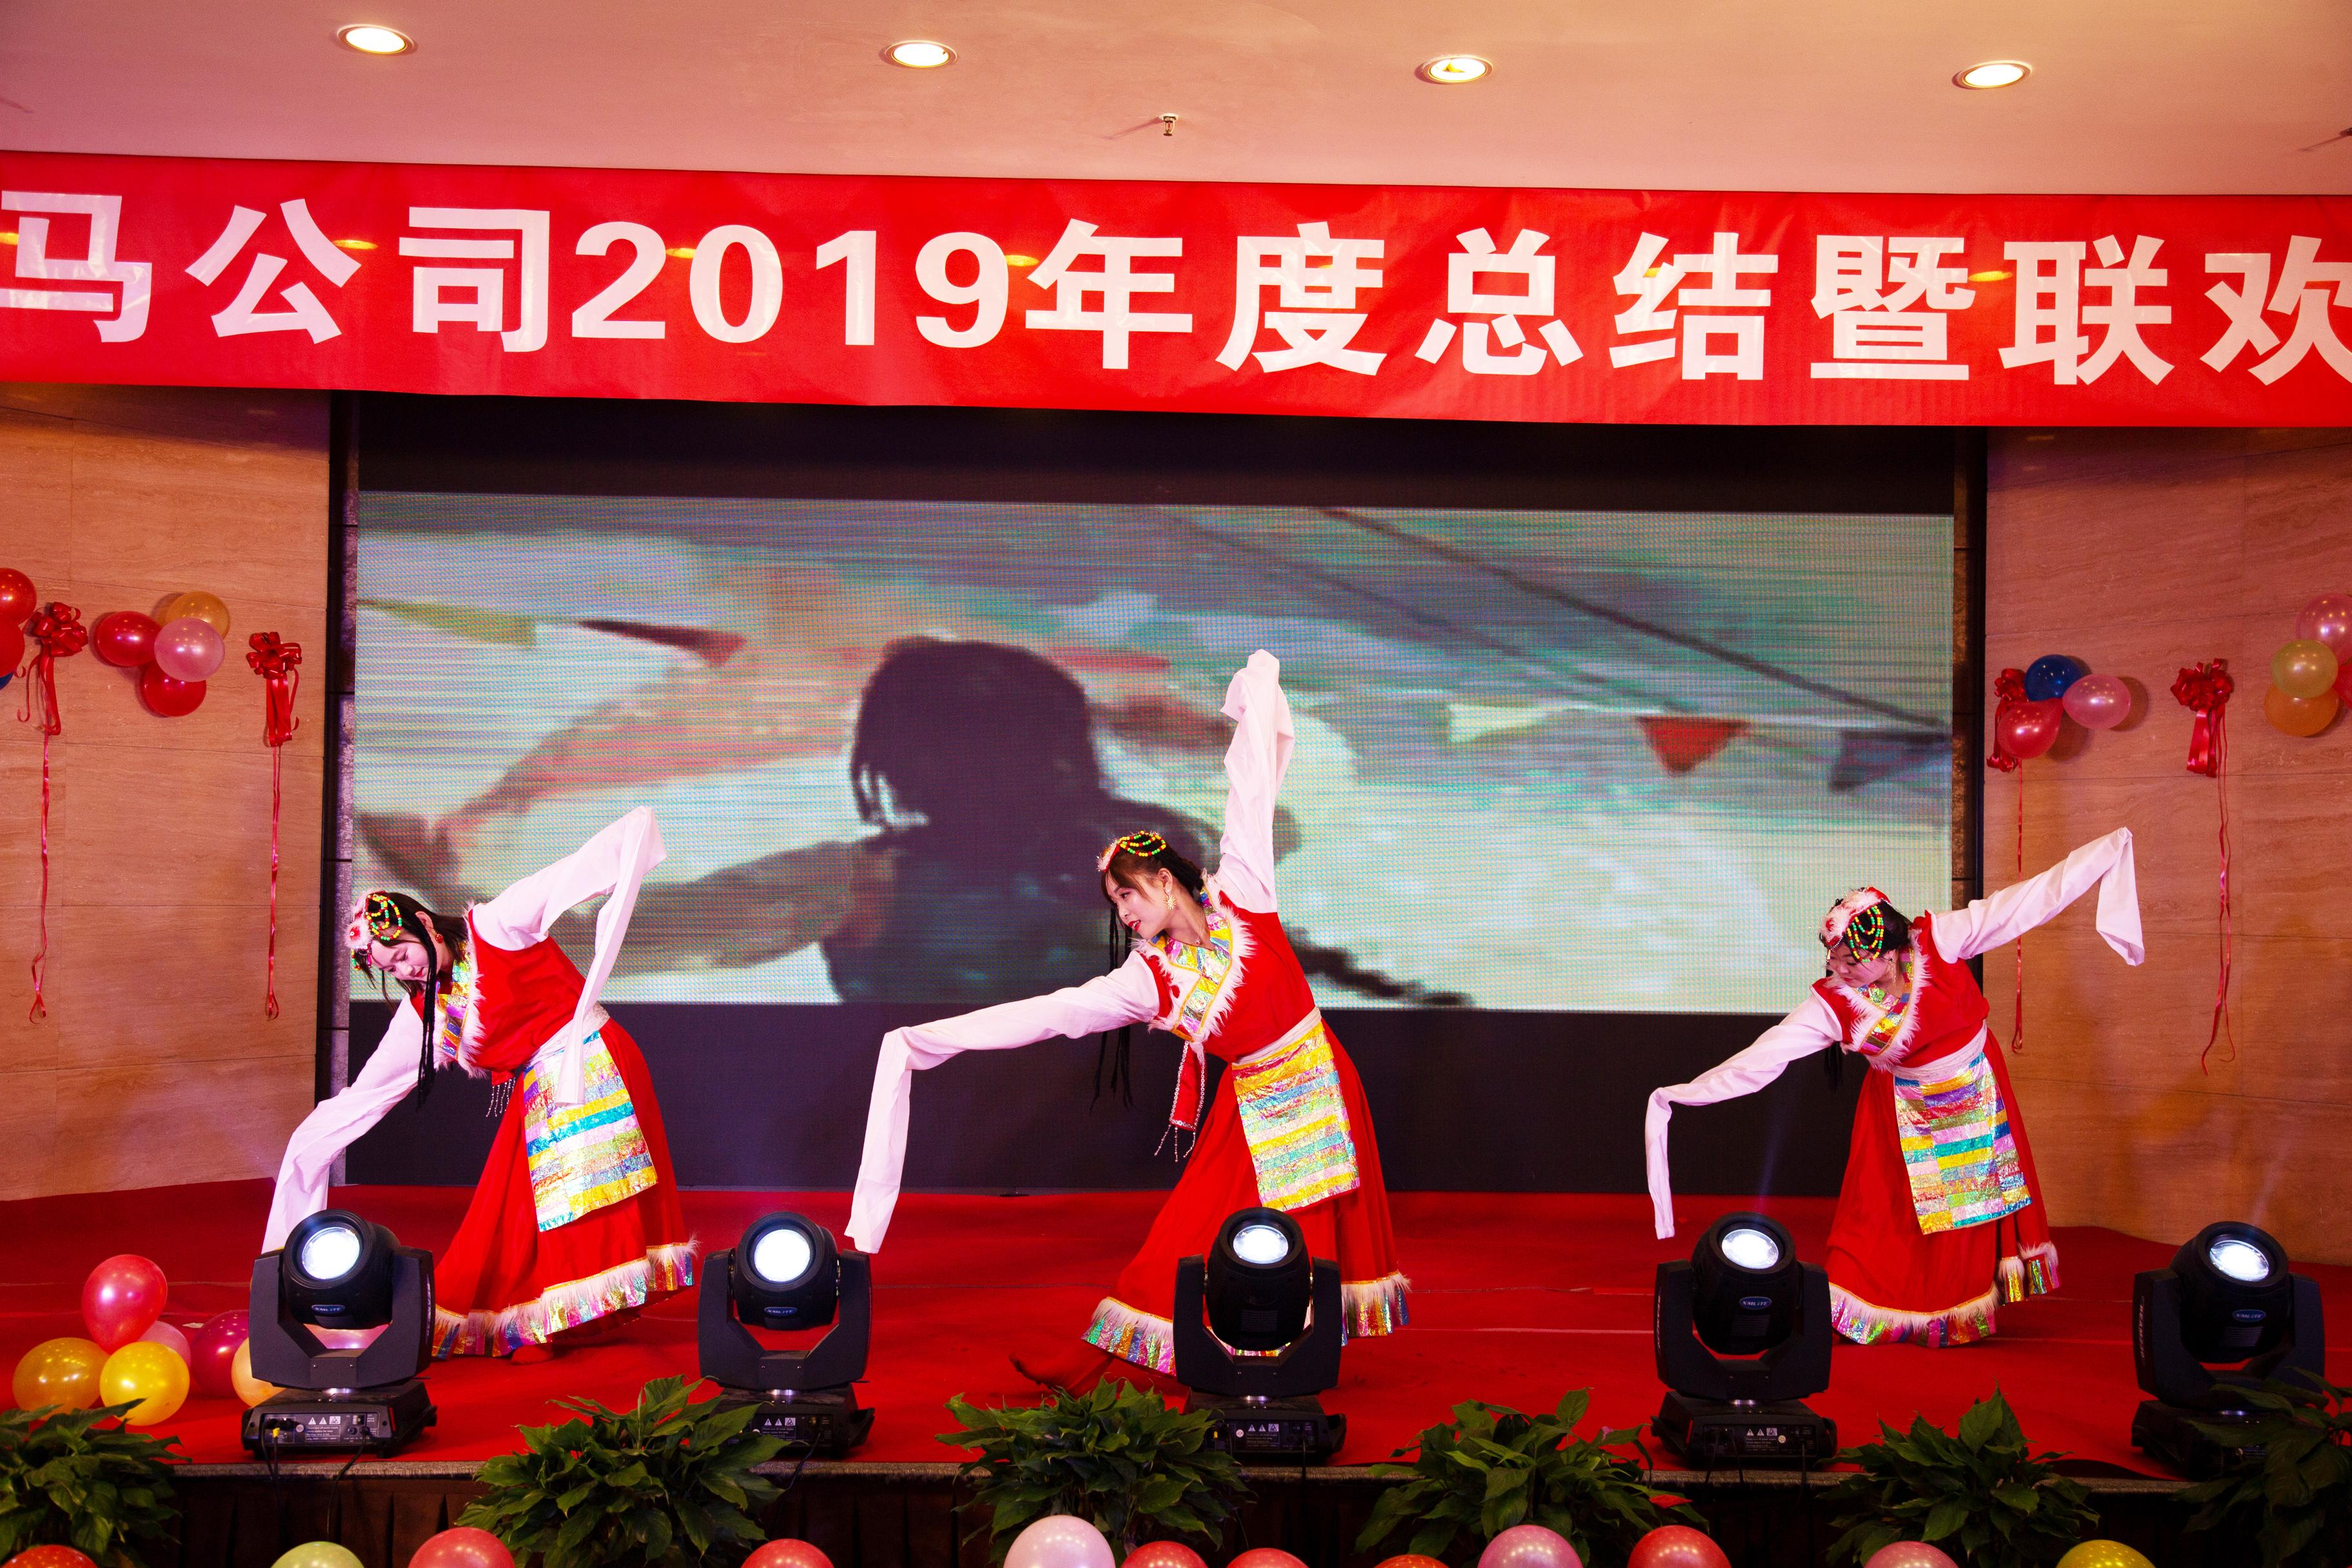 西安银马砖机公司2019年年会新疆节目